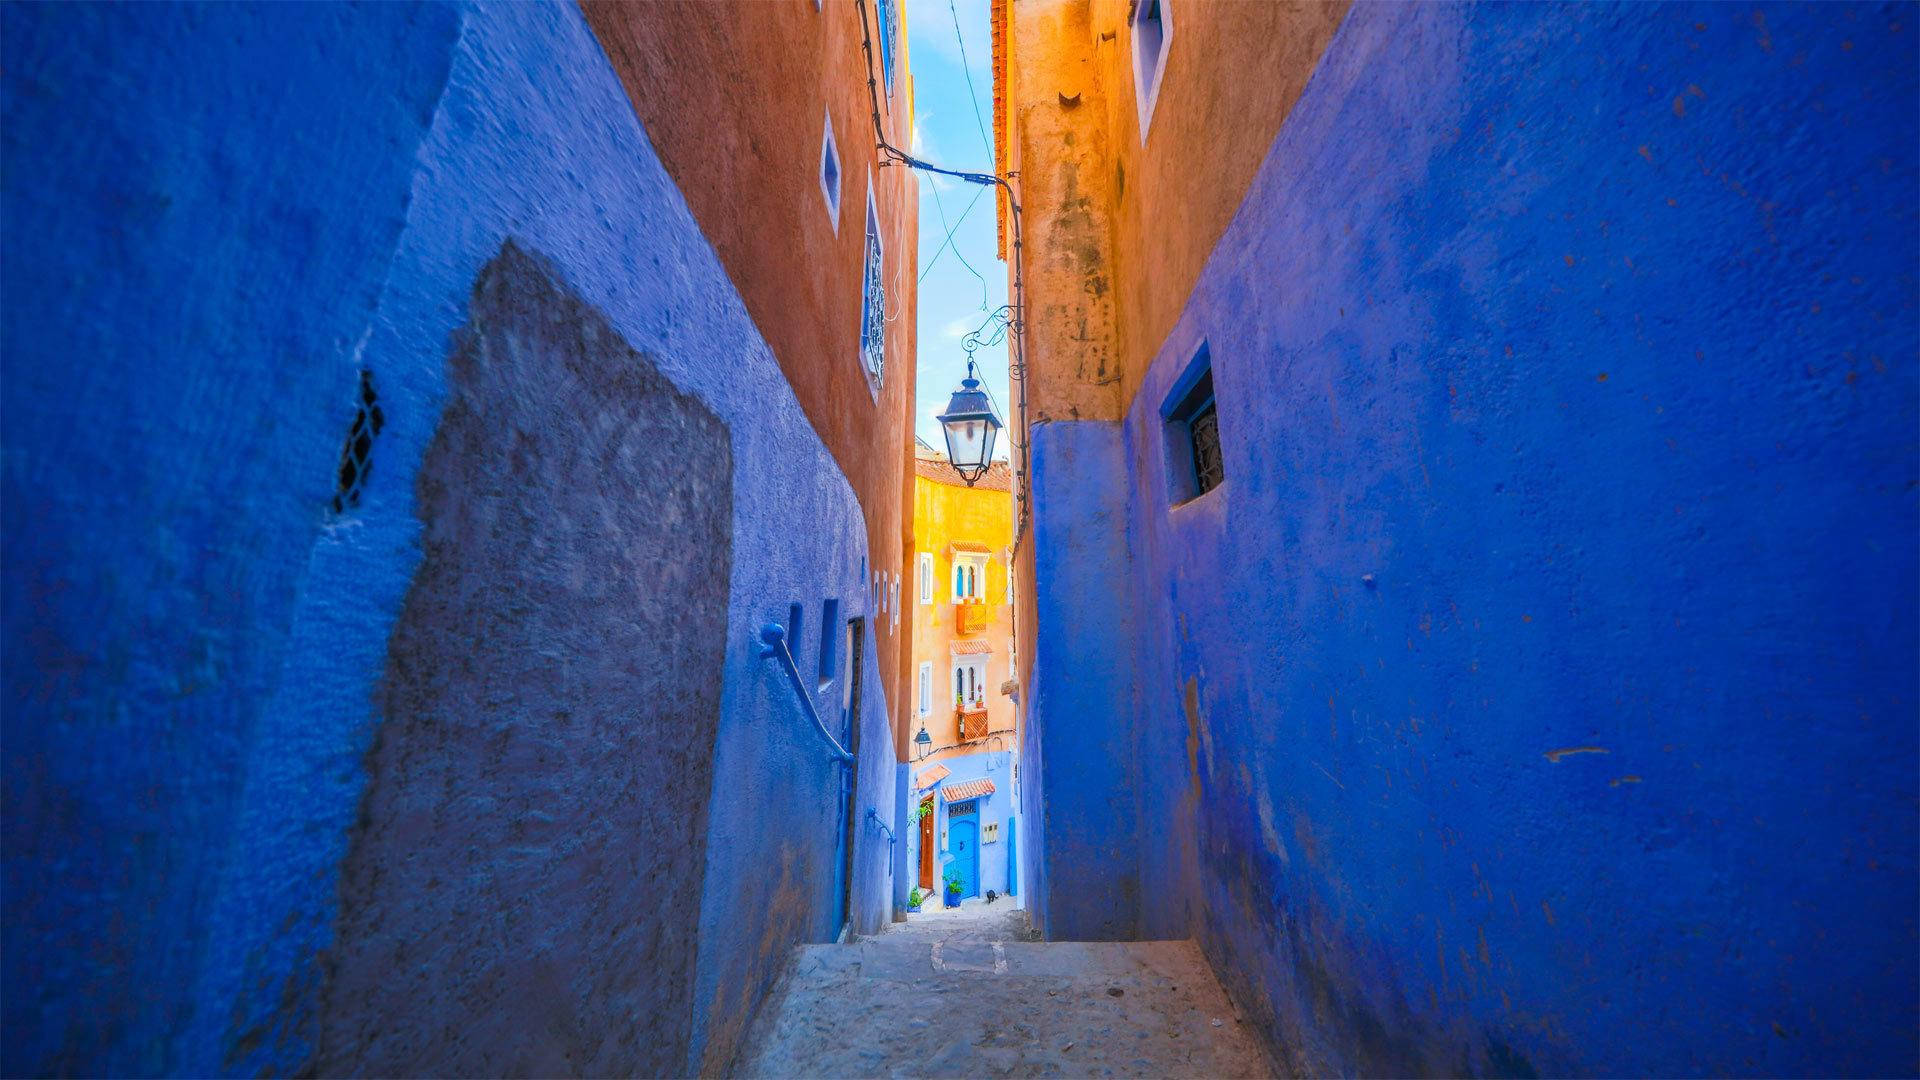 舍夫沙万的蓝色墙壁